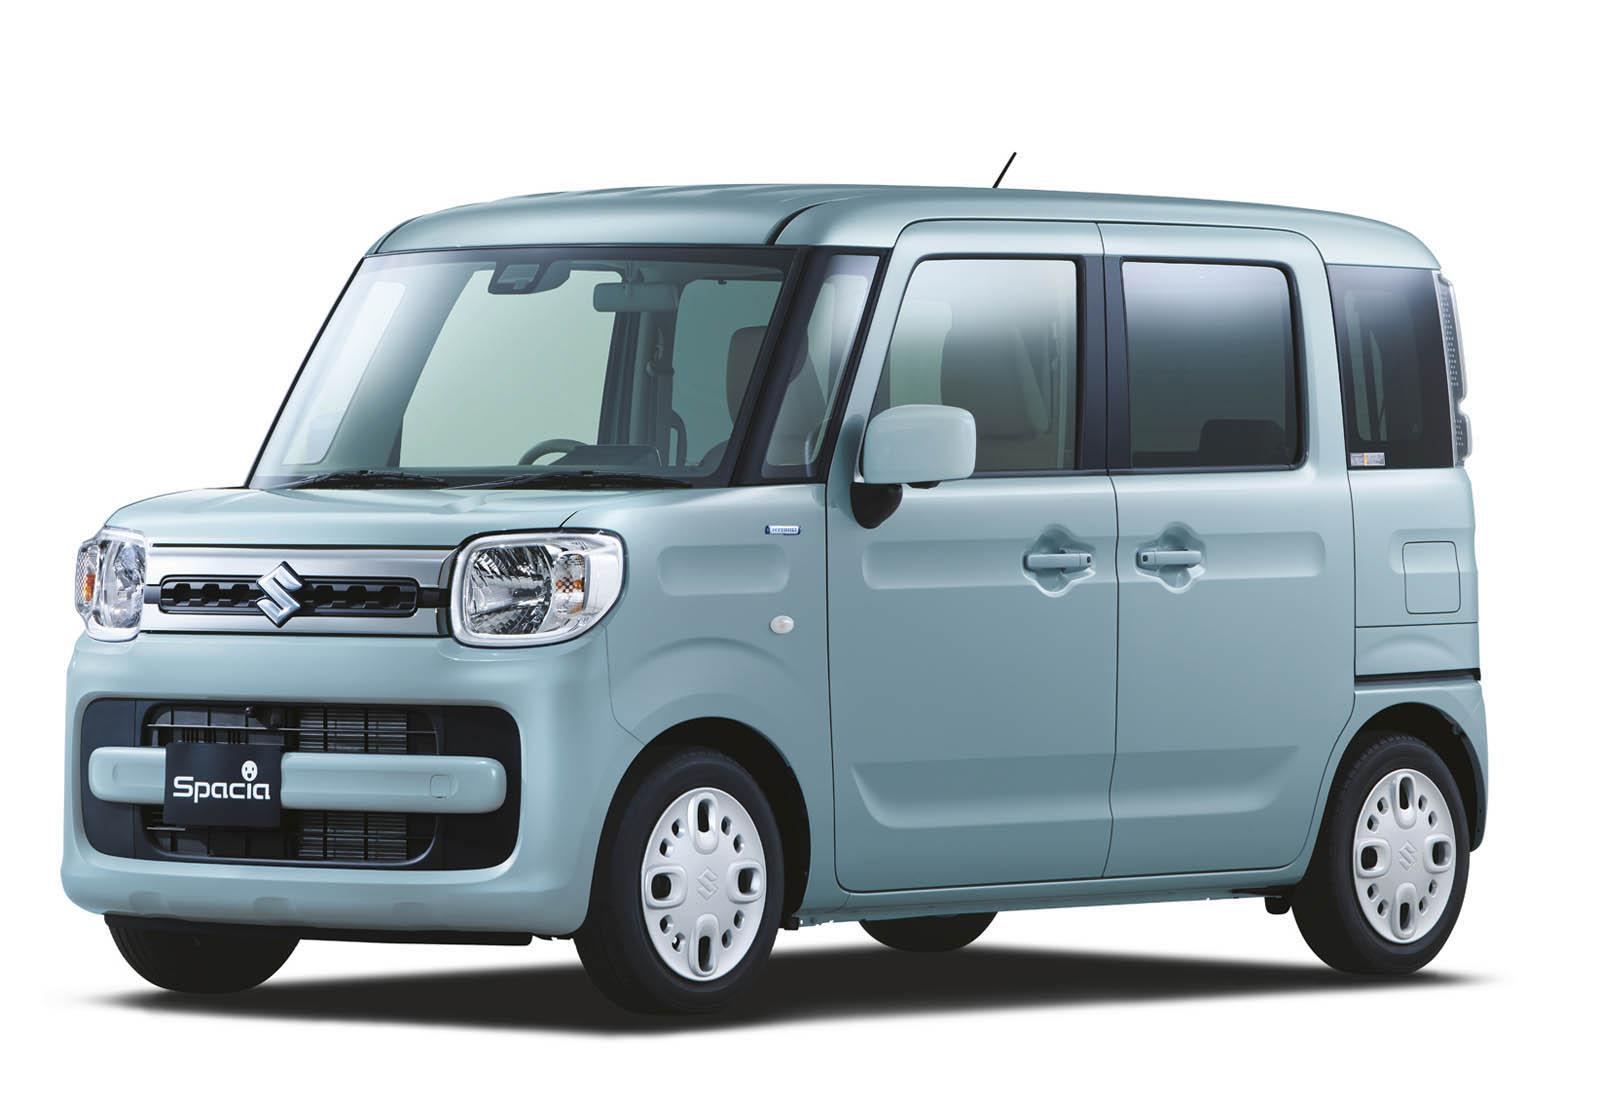 Suzuki Spacia 2018 (2)